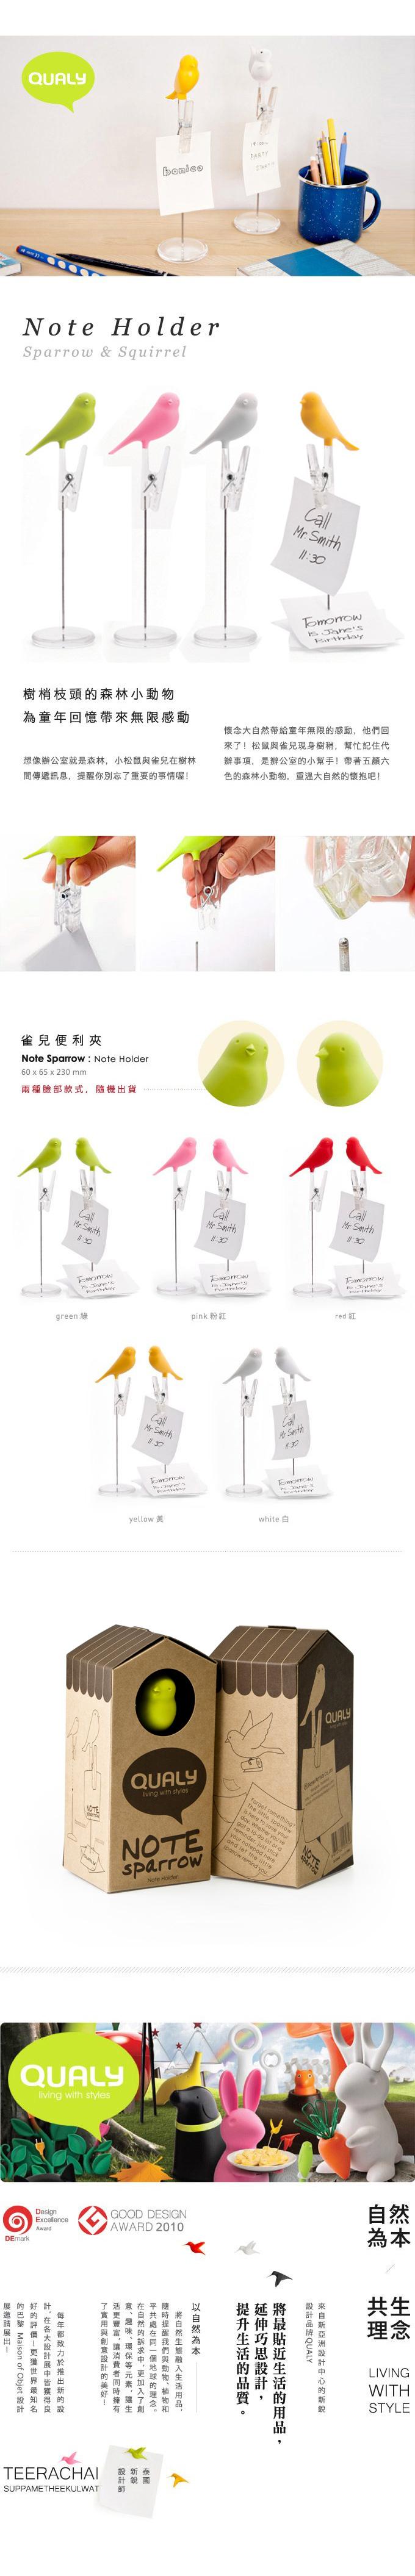 【11/25~12/31聖誕感謝祭95折】【FINAL CALL】QUALY 雀兒便利夾(粉紅)(1入)